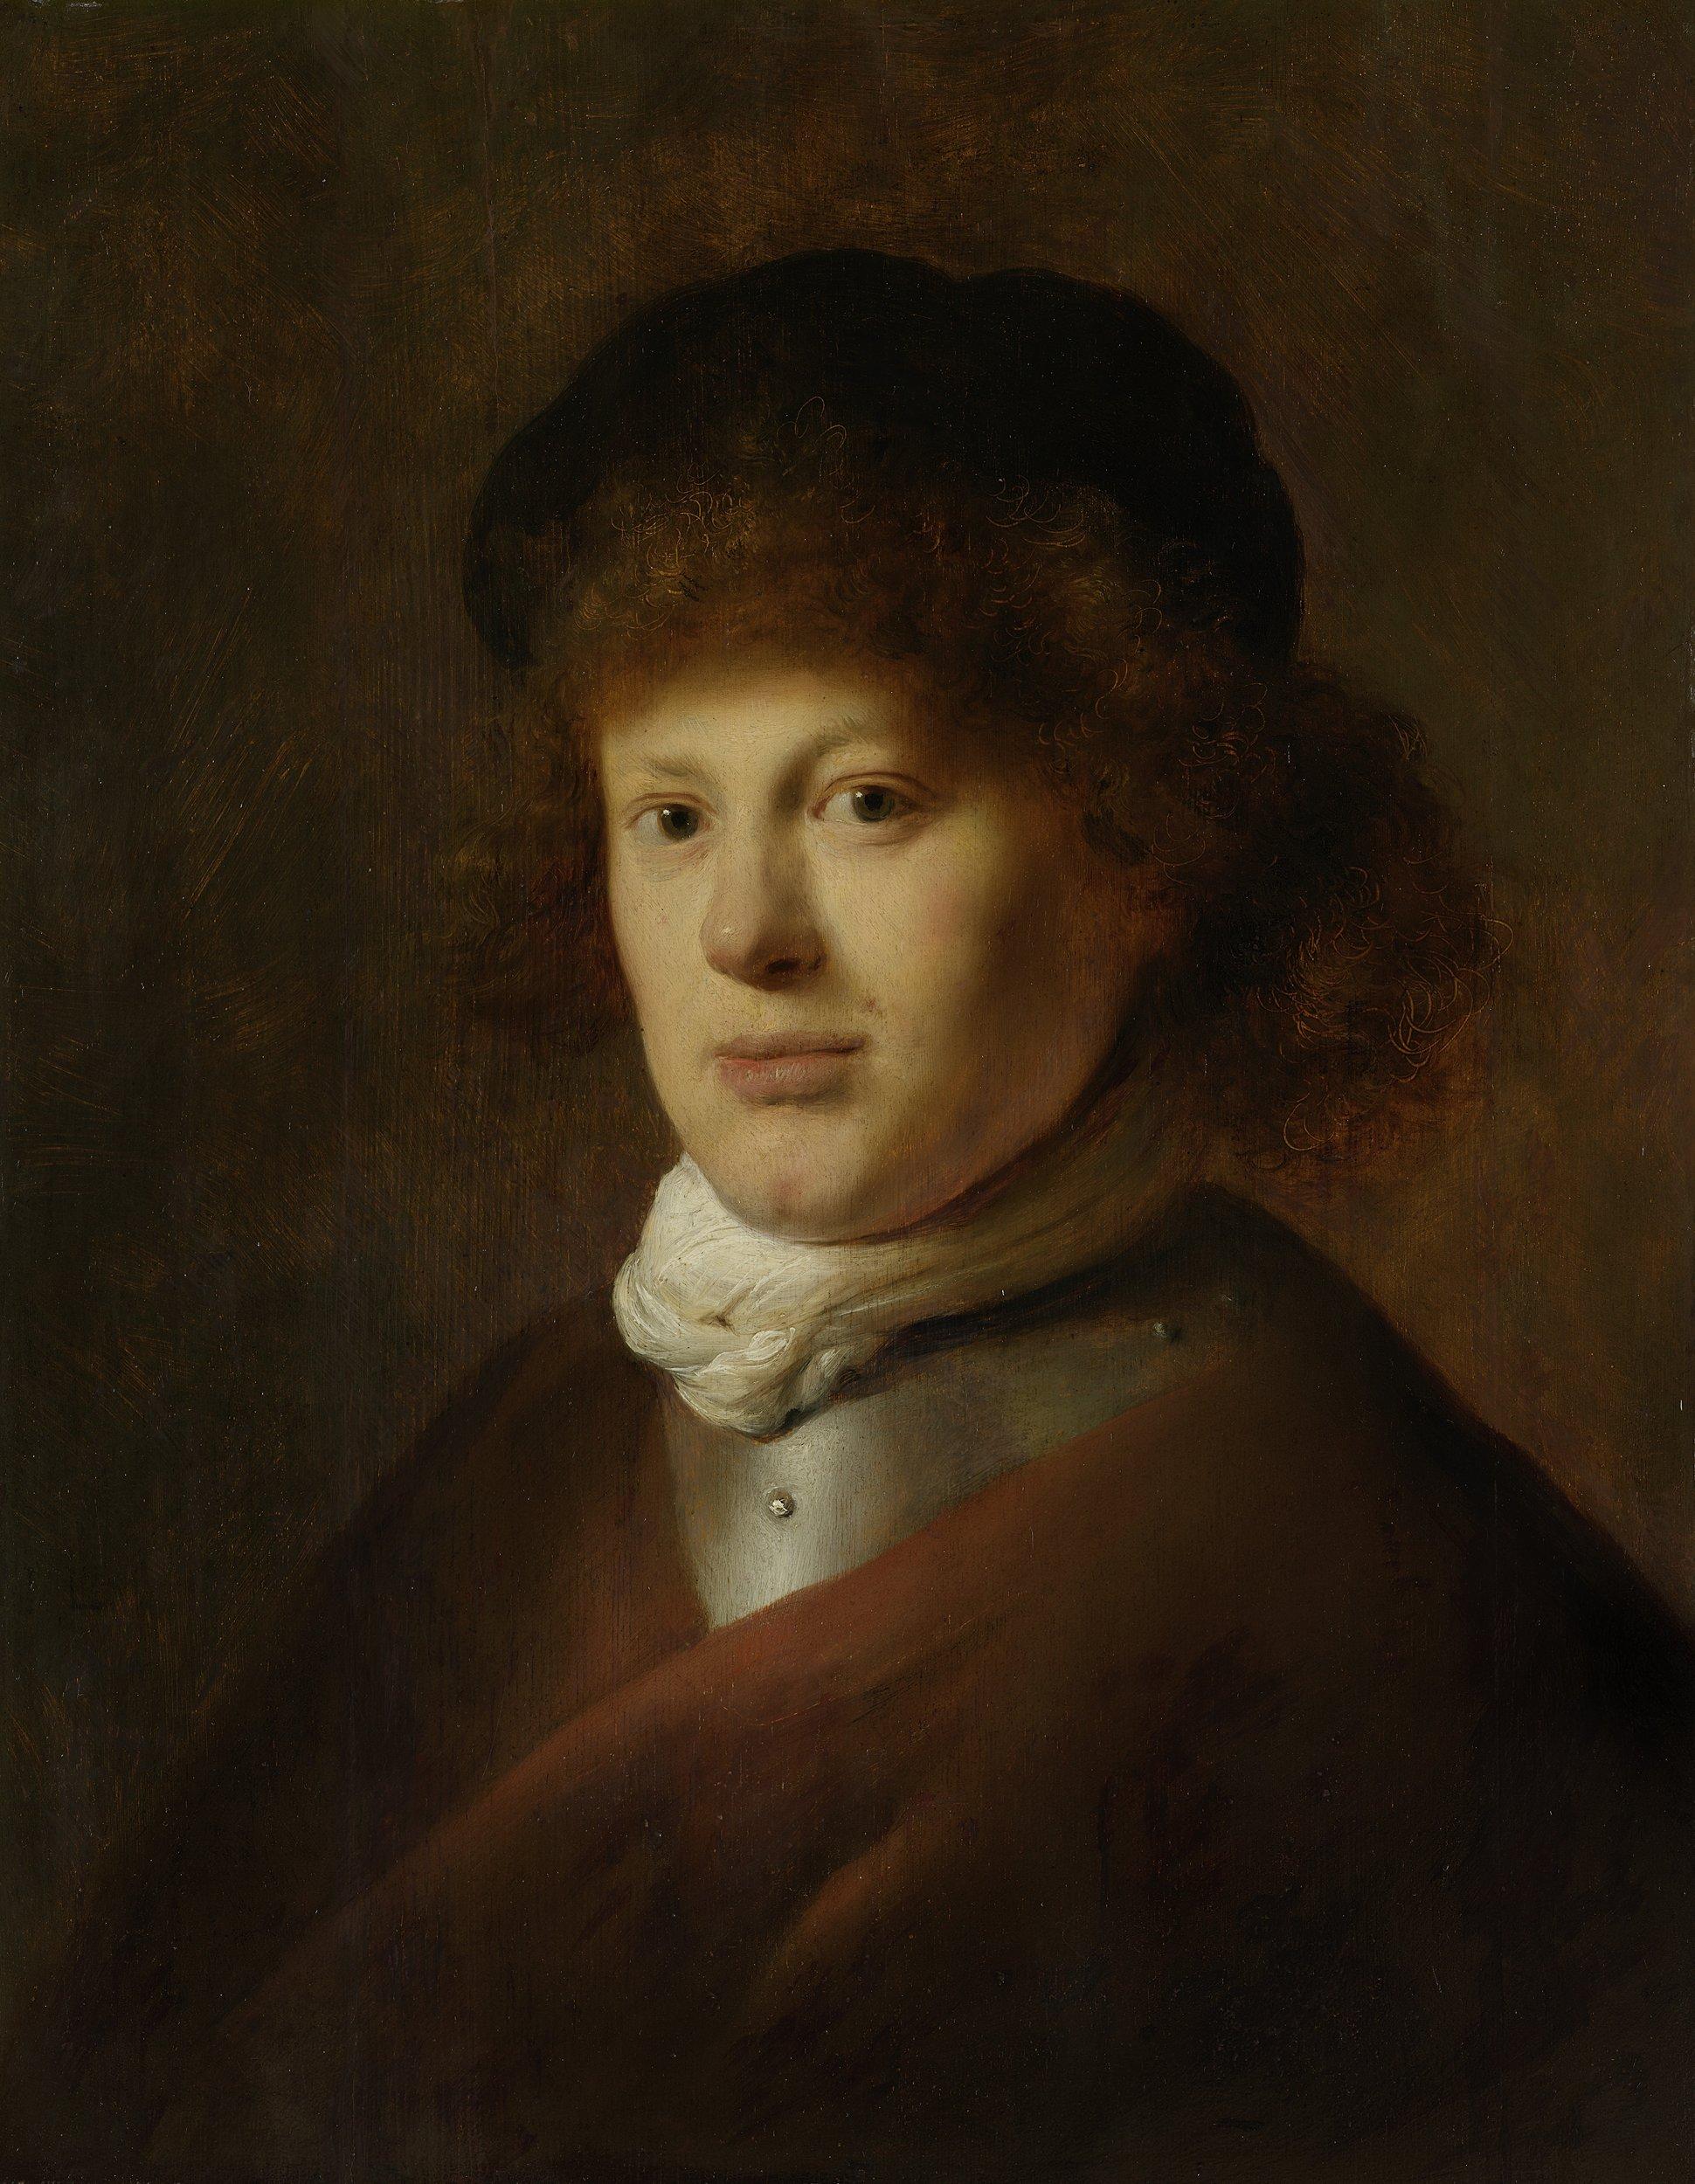 Portret_van_Rembrandt_Harmenszливенс1628.jpeg